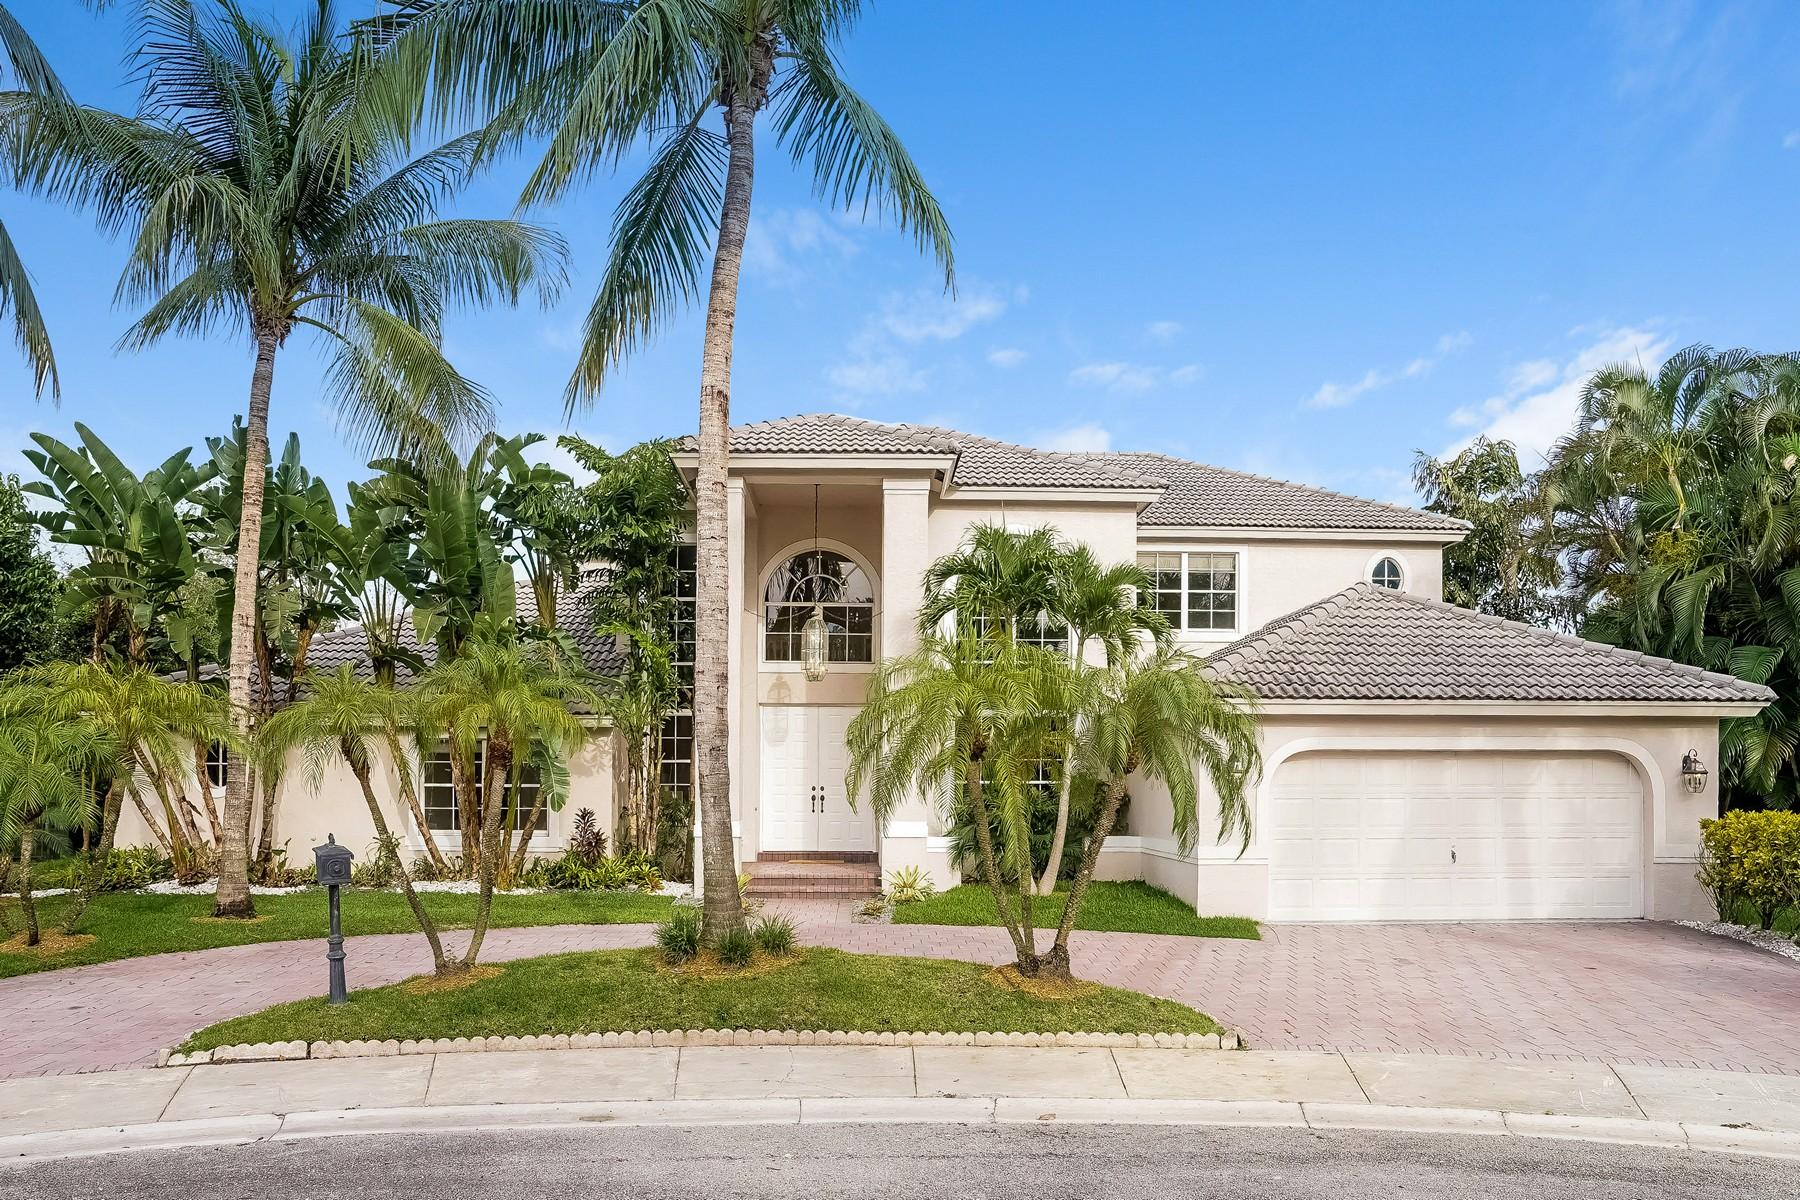 단독 가정 주택 용 매매 에 3288 Huntington Weston, 플로리다 33332 미국